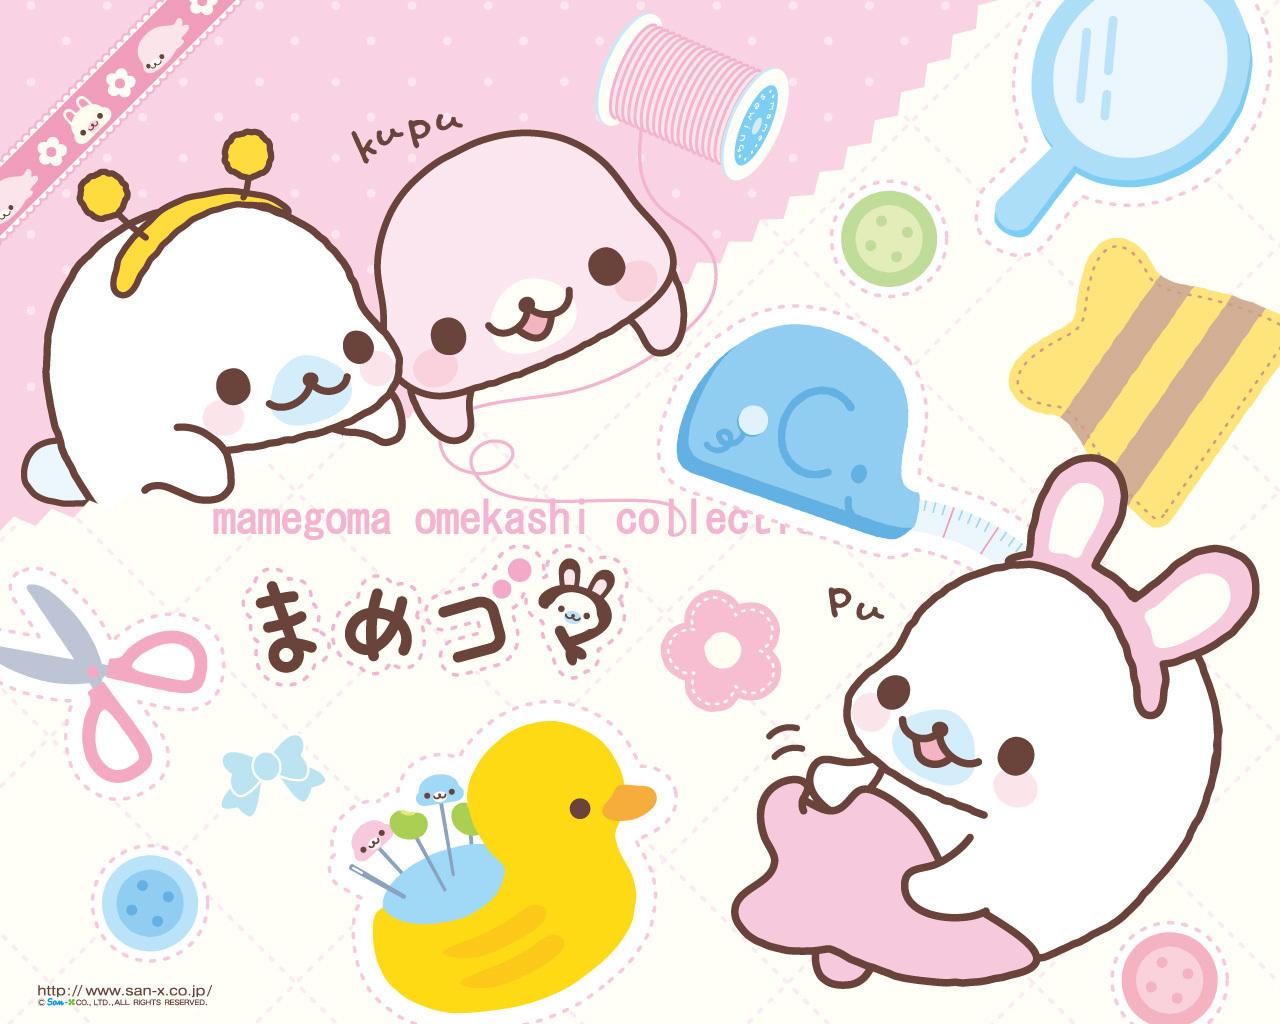 http://3.bp.blogspot.com/-GPWbM5djtRs/TfC0H6GVyxI/AAAAAAAAArg/u7METxxIyFg/s1600/Mamegoma-Sewing-Wallpaper-mamegoma-15322992-1280-1024.jpg